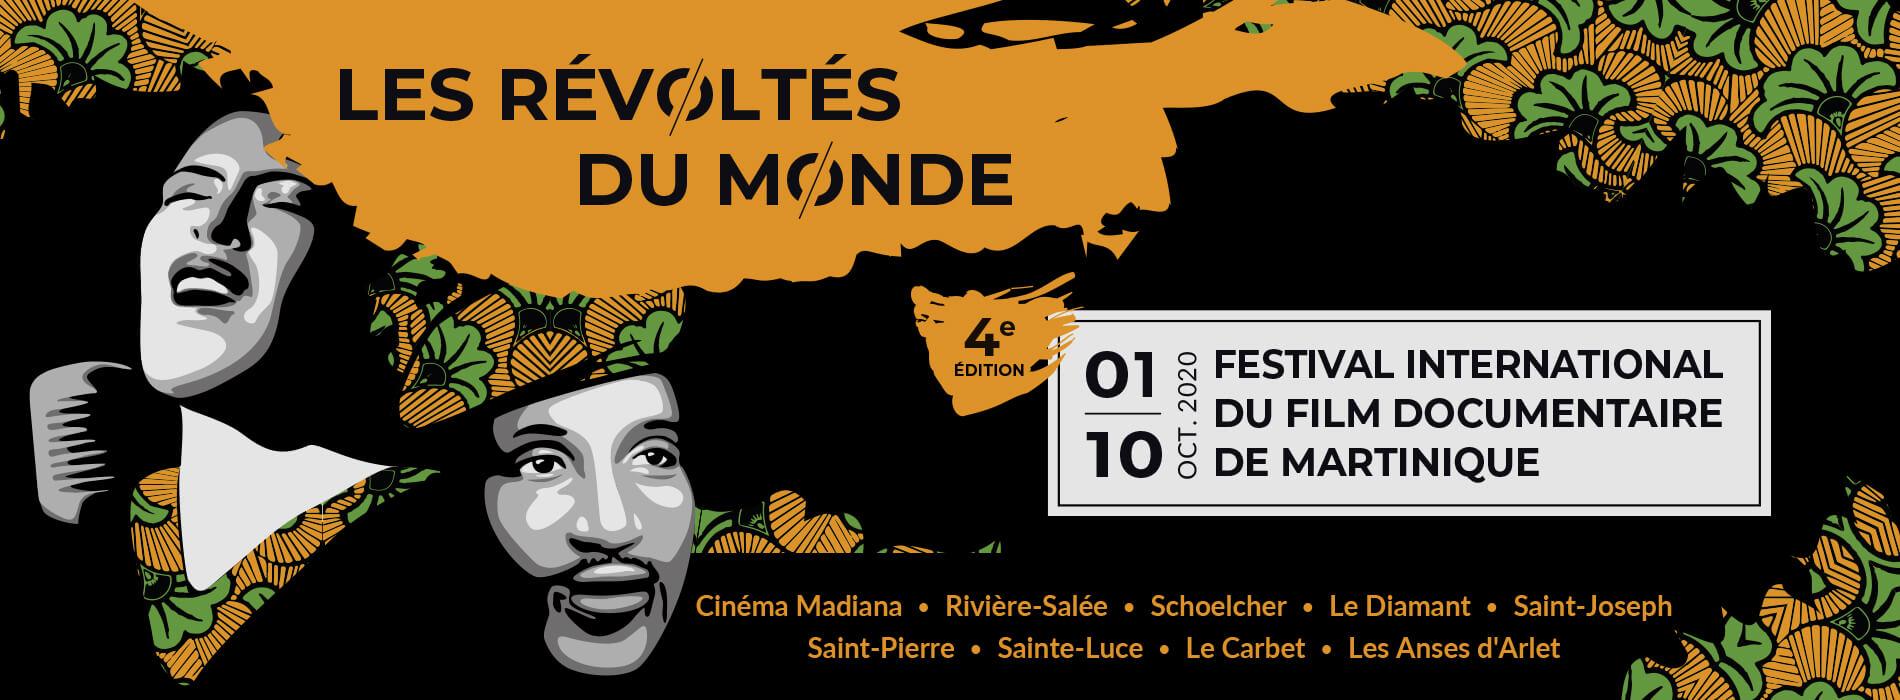 Les Révoltès du Monde - Martinique - Festival international du film documentaire